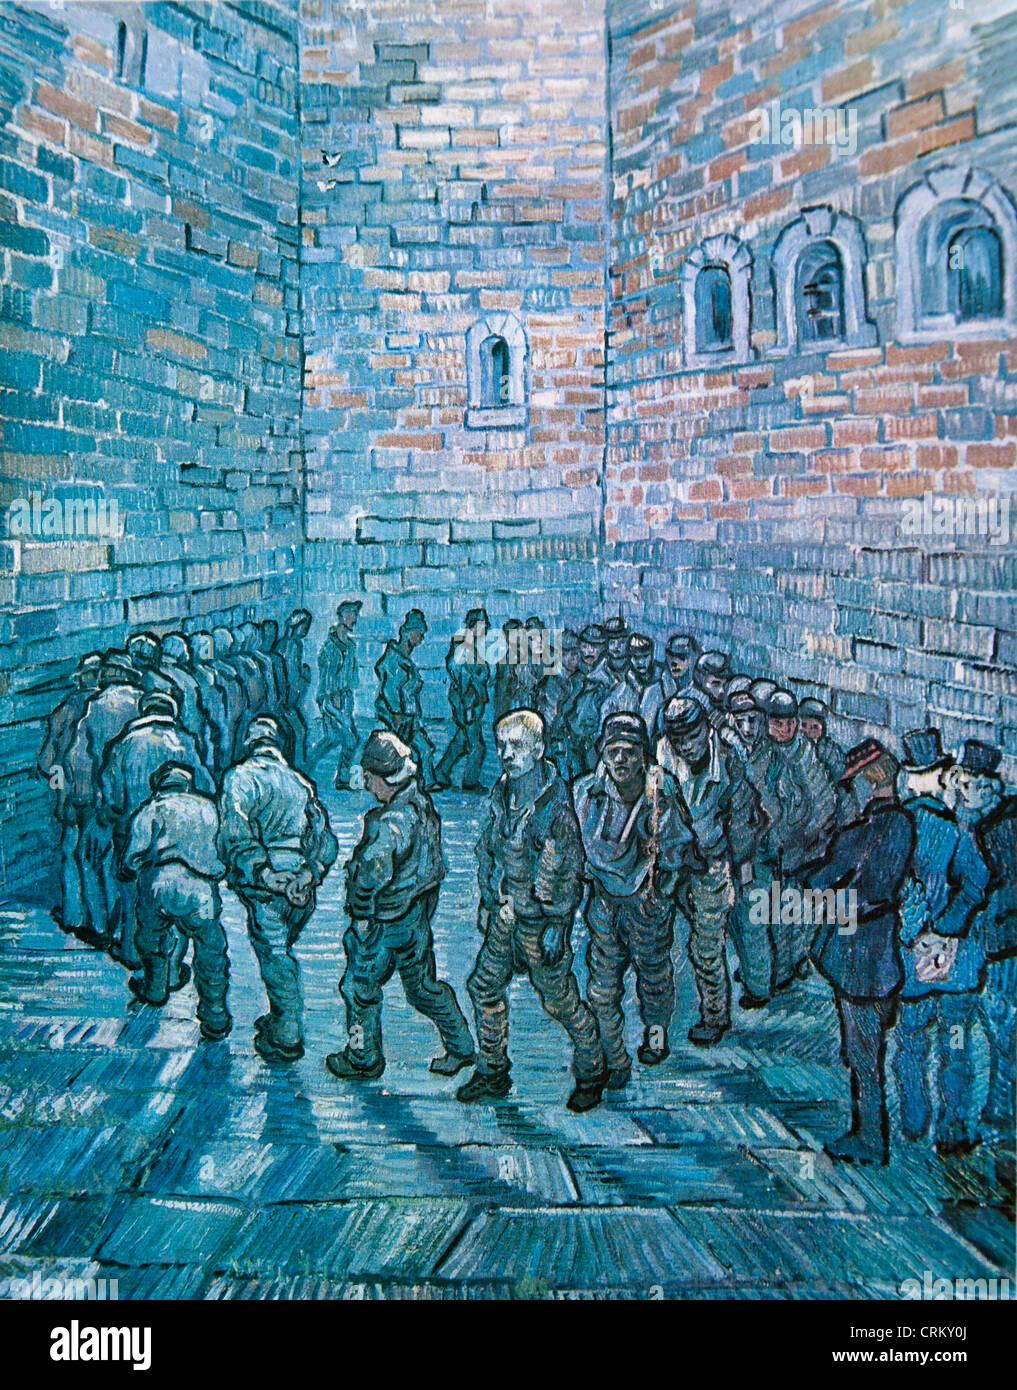 Prisoners' Round - Van Gogh - Stock Image